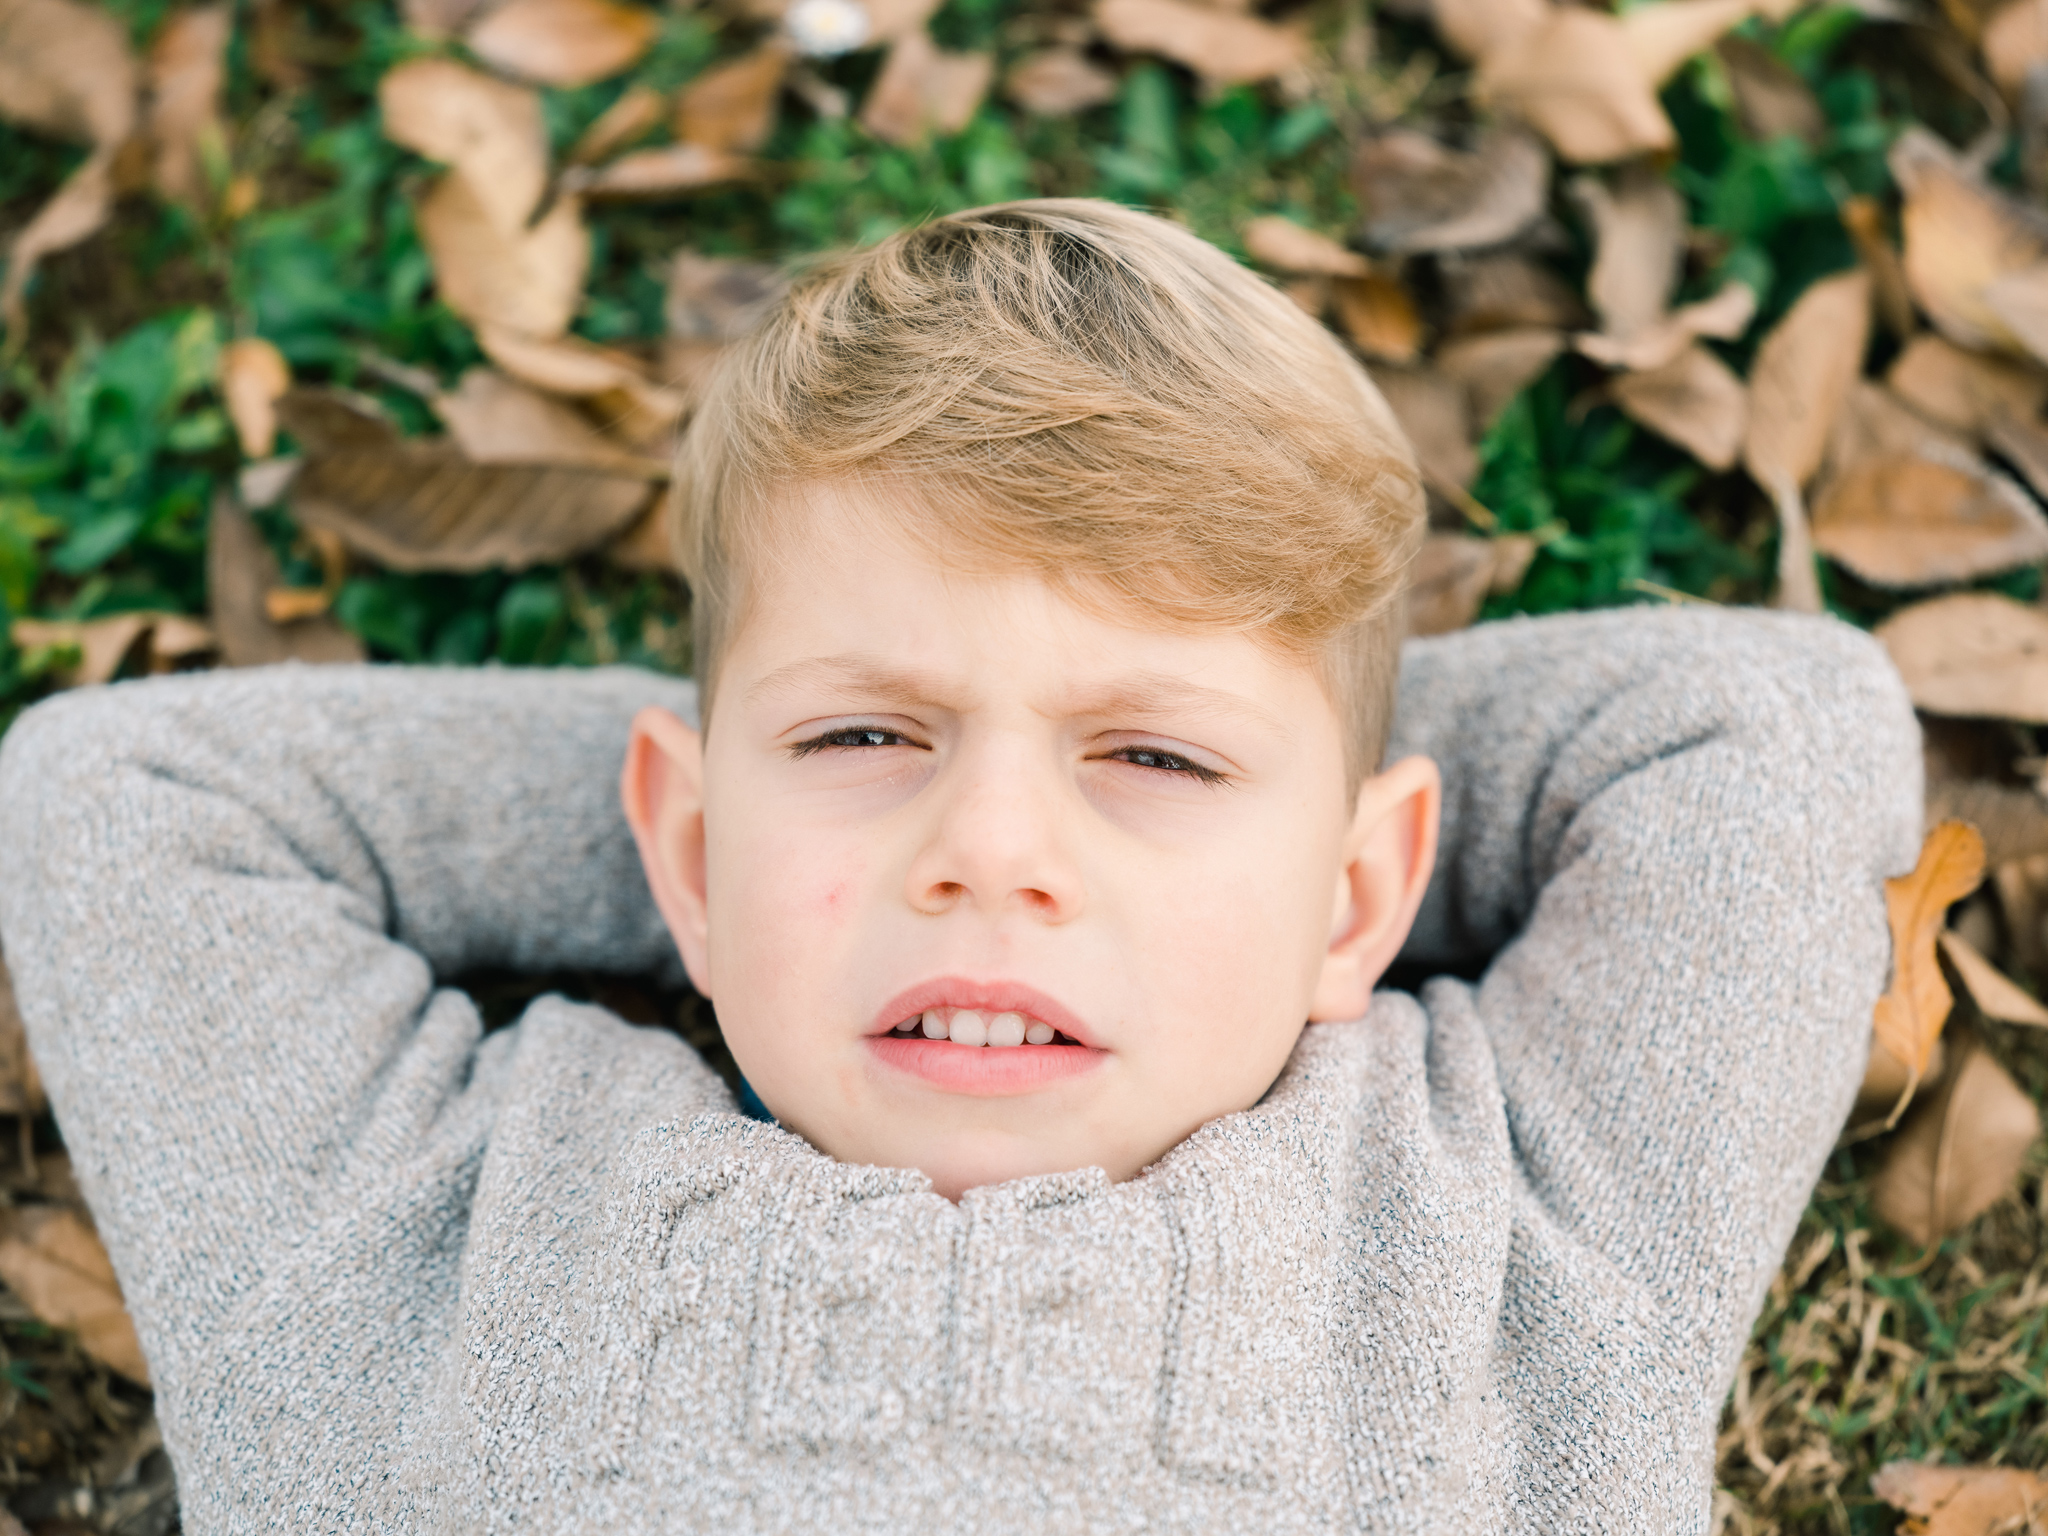 fotografia infantil y familiar33.jpg